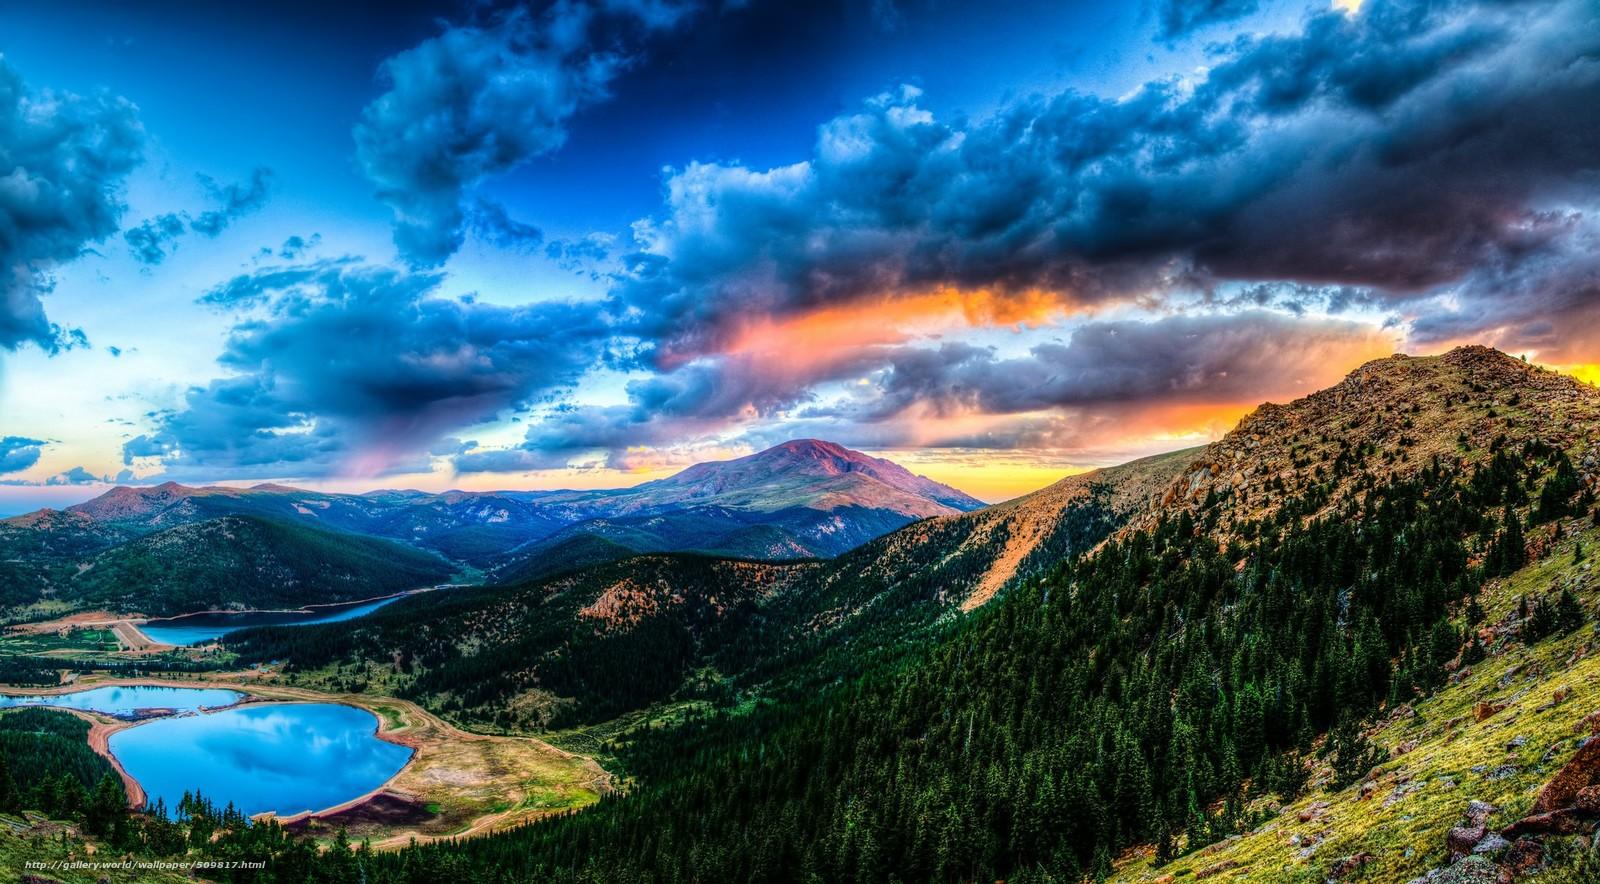 Download Hintergrund Sonnenuntergang,  Gebirge,  See,  Landschaft Freie desktop Tapeten in der Auflosung 2048x1132 — bild №509817